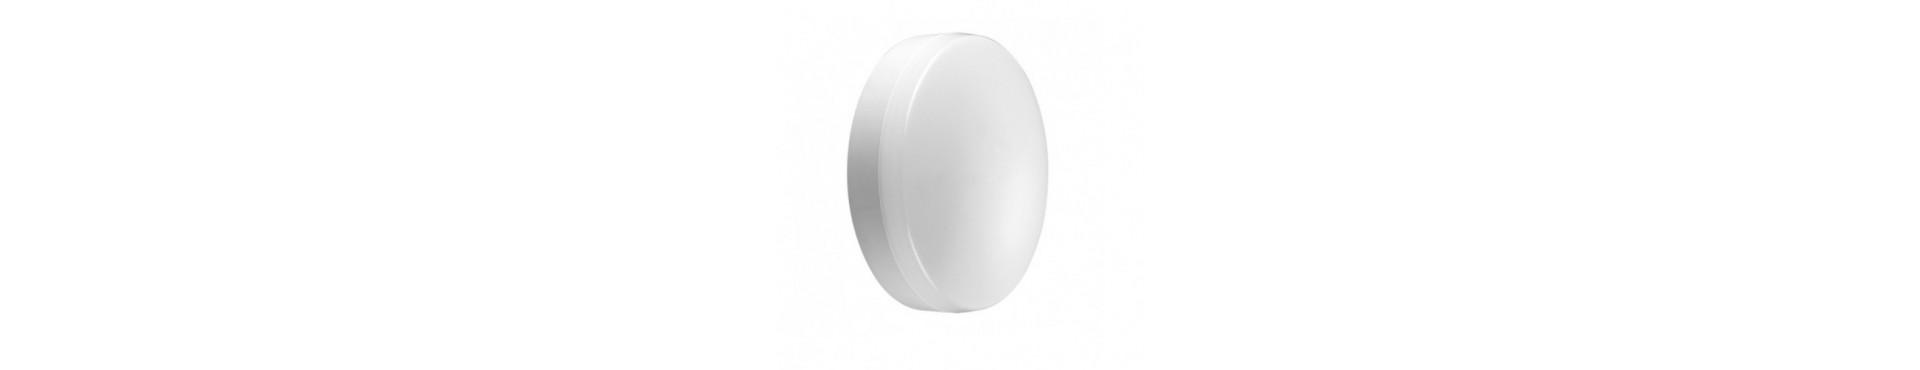 Loftlampe med sensor - Energibesparende lamper med sensor